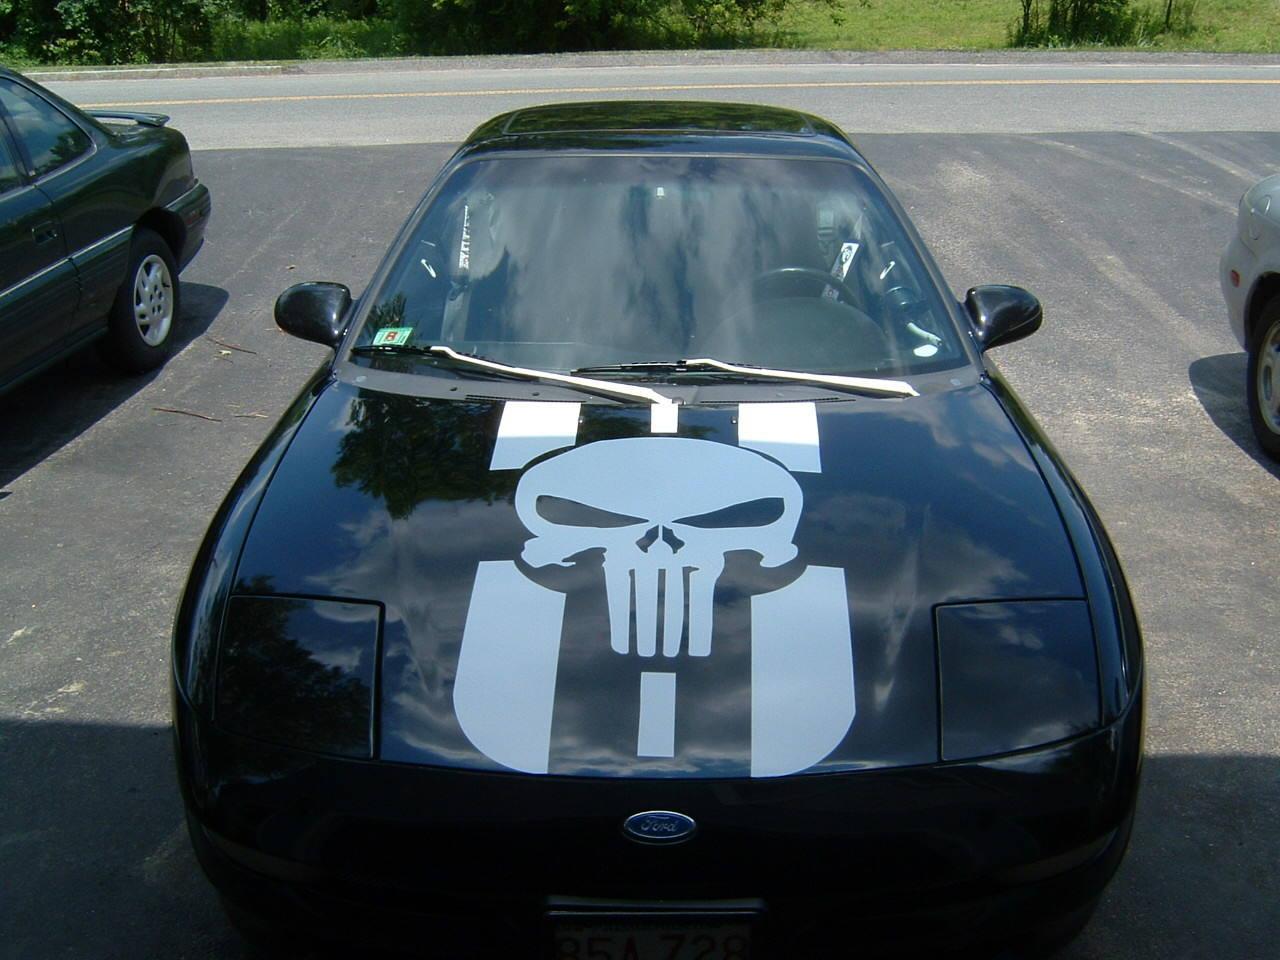 VINYL DECALS And VINYL STICKERS - Custom vinyl decals for car hoods